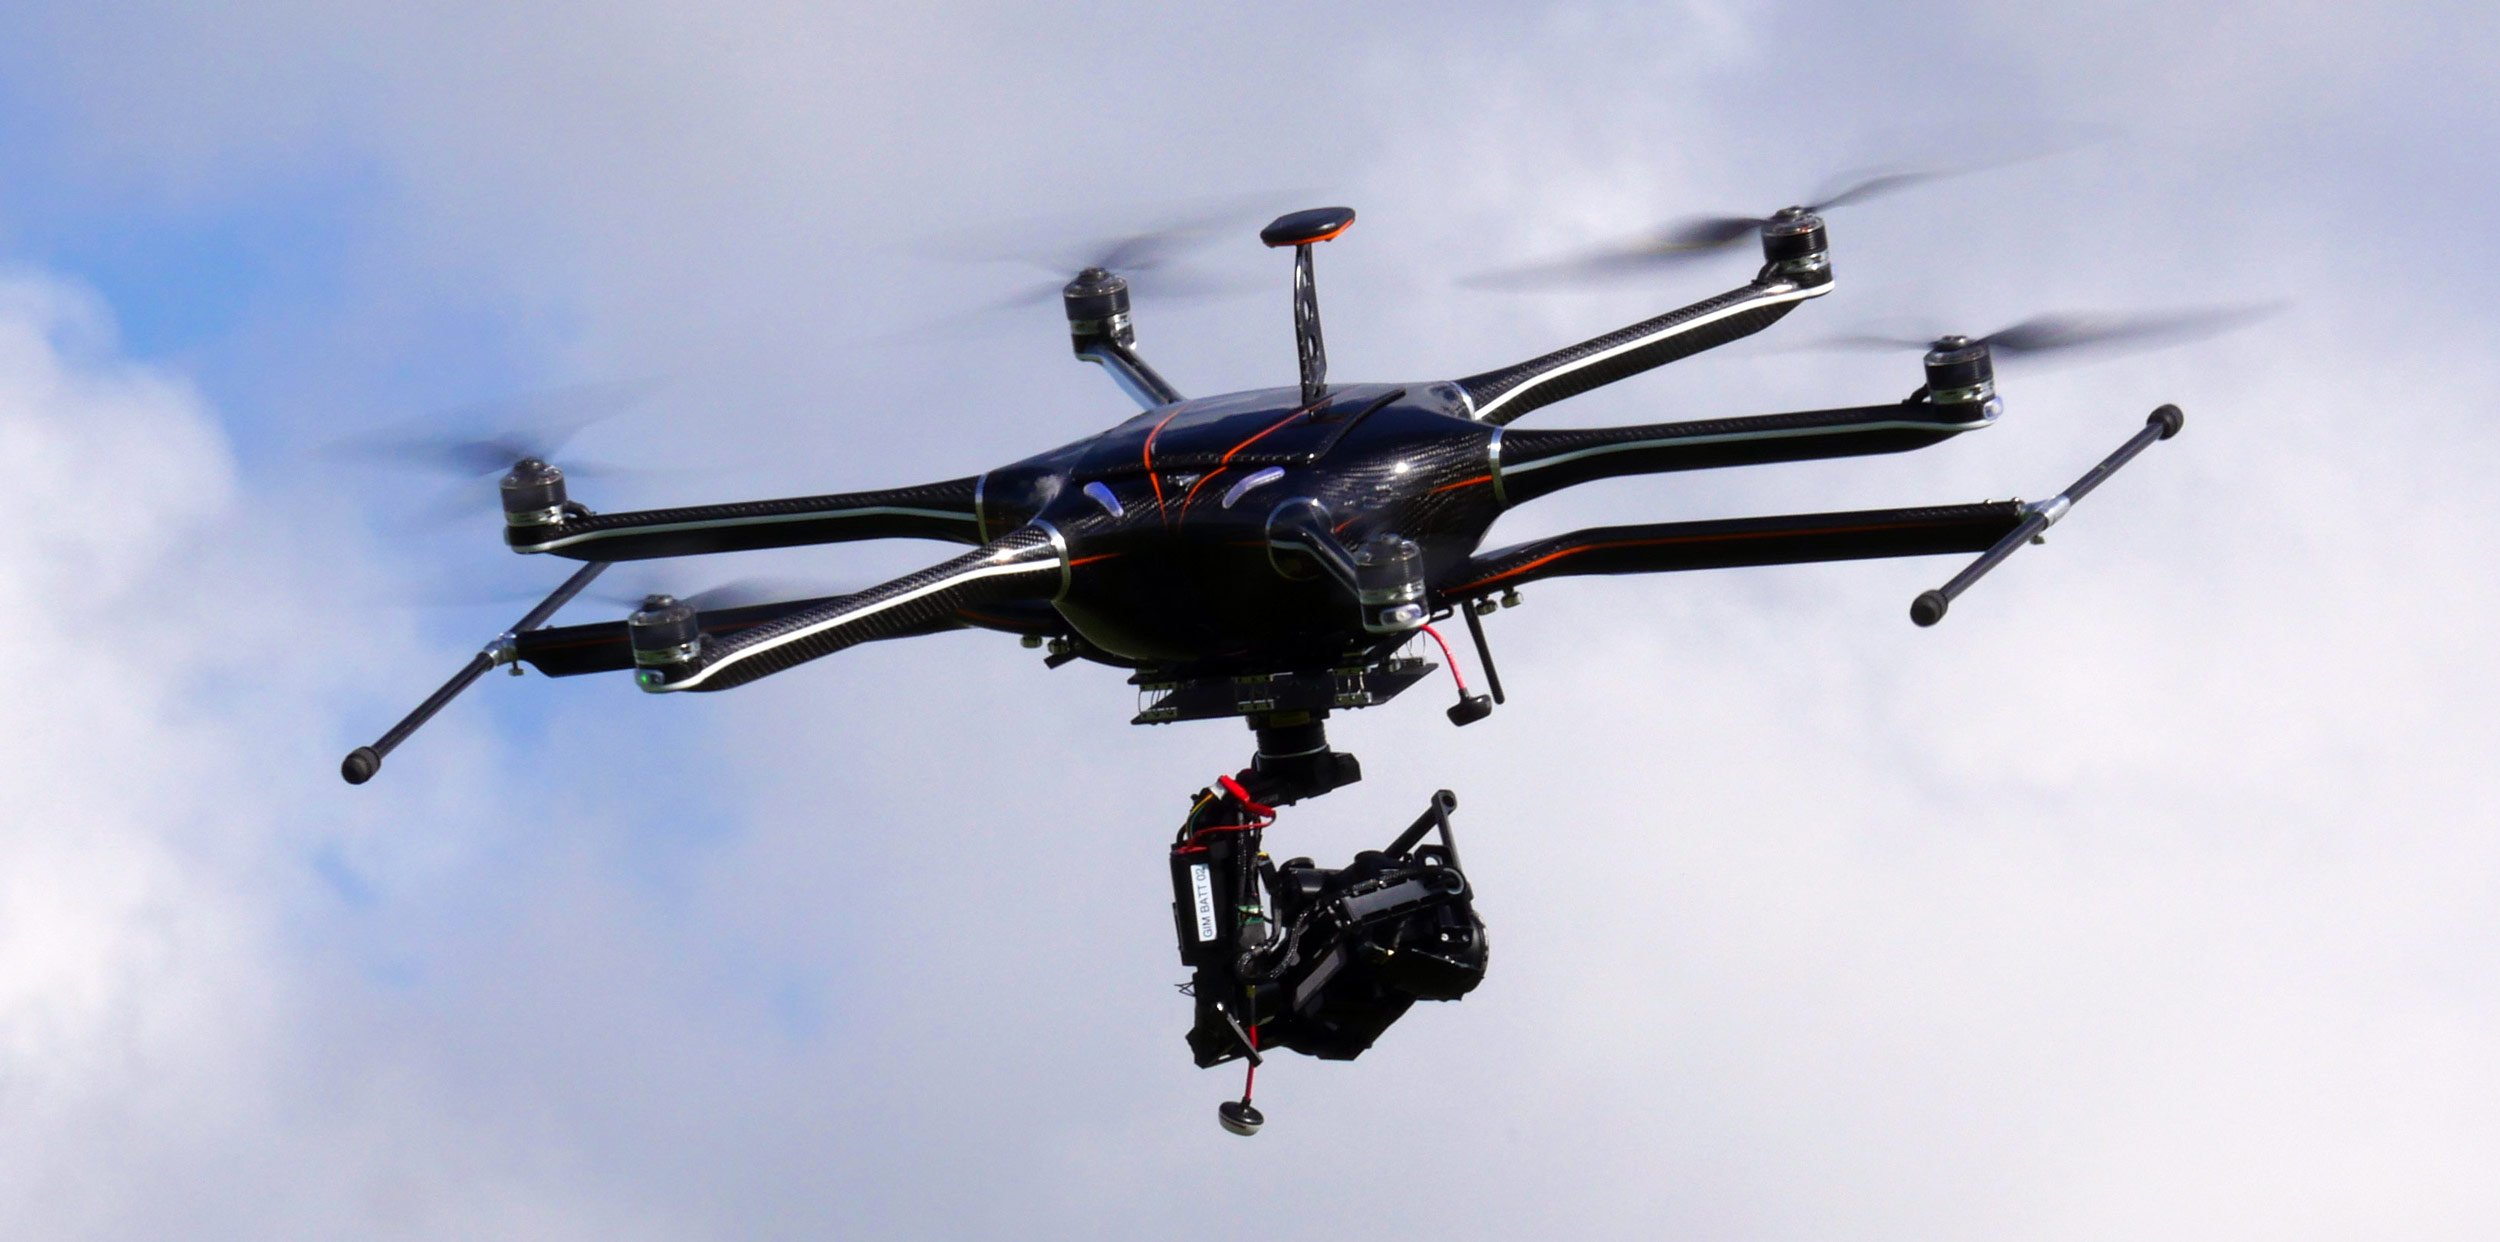 Dron Dark Matter HX - Sky-drones - GreenTech Factory